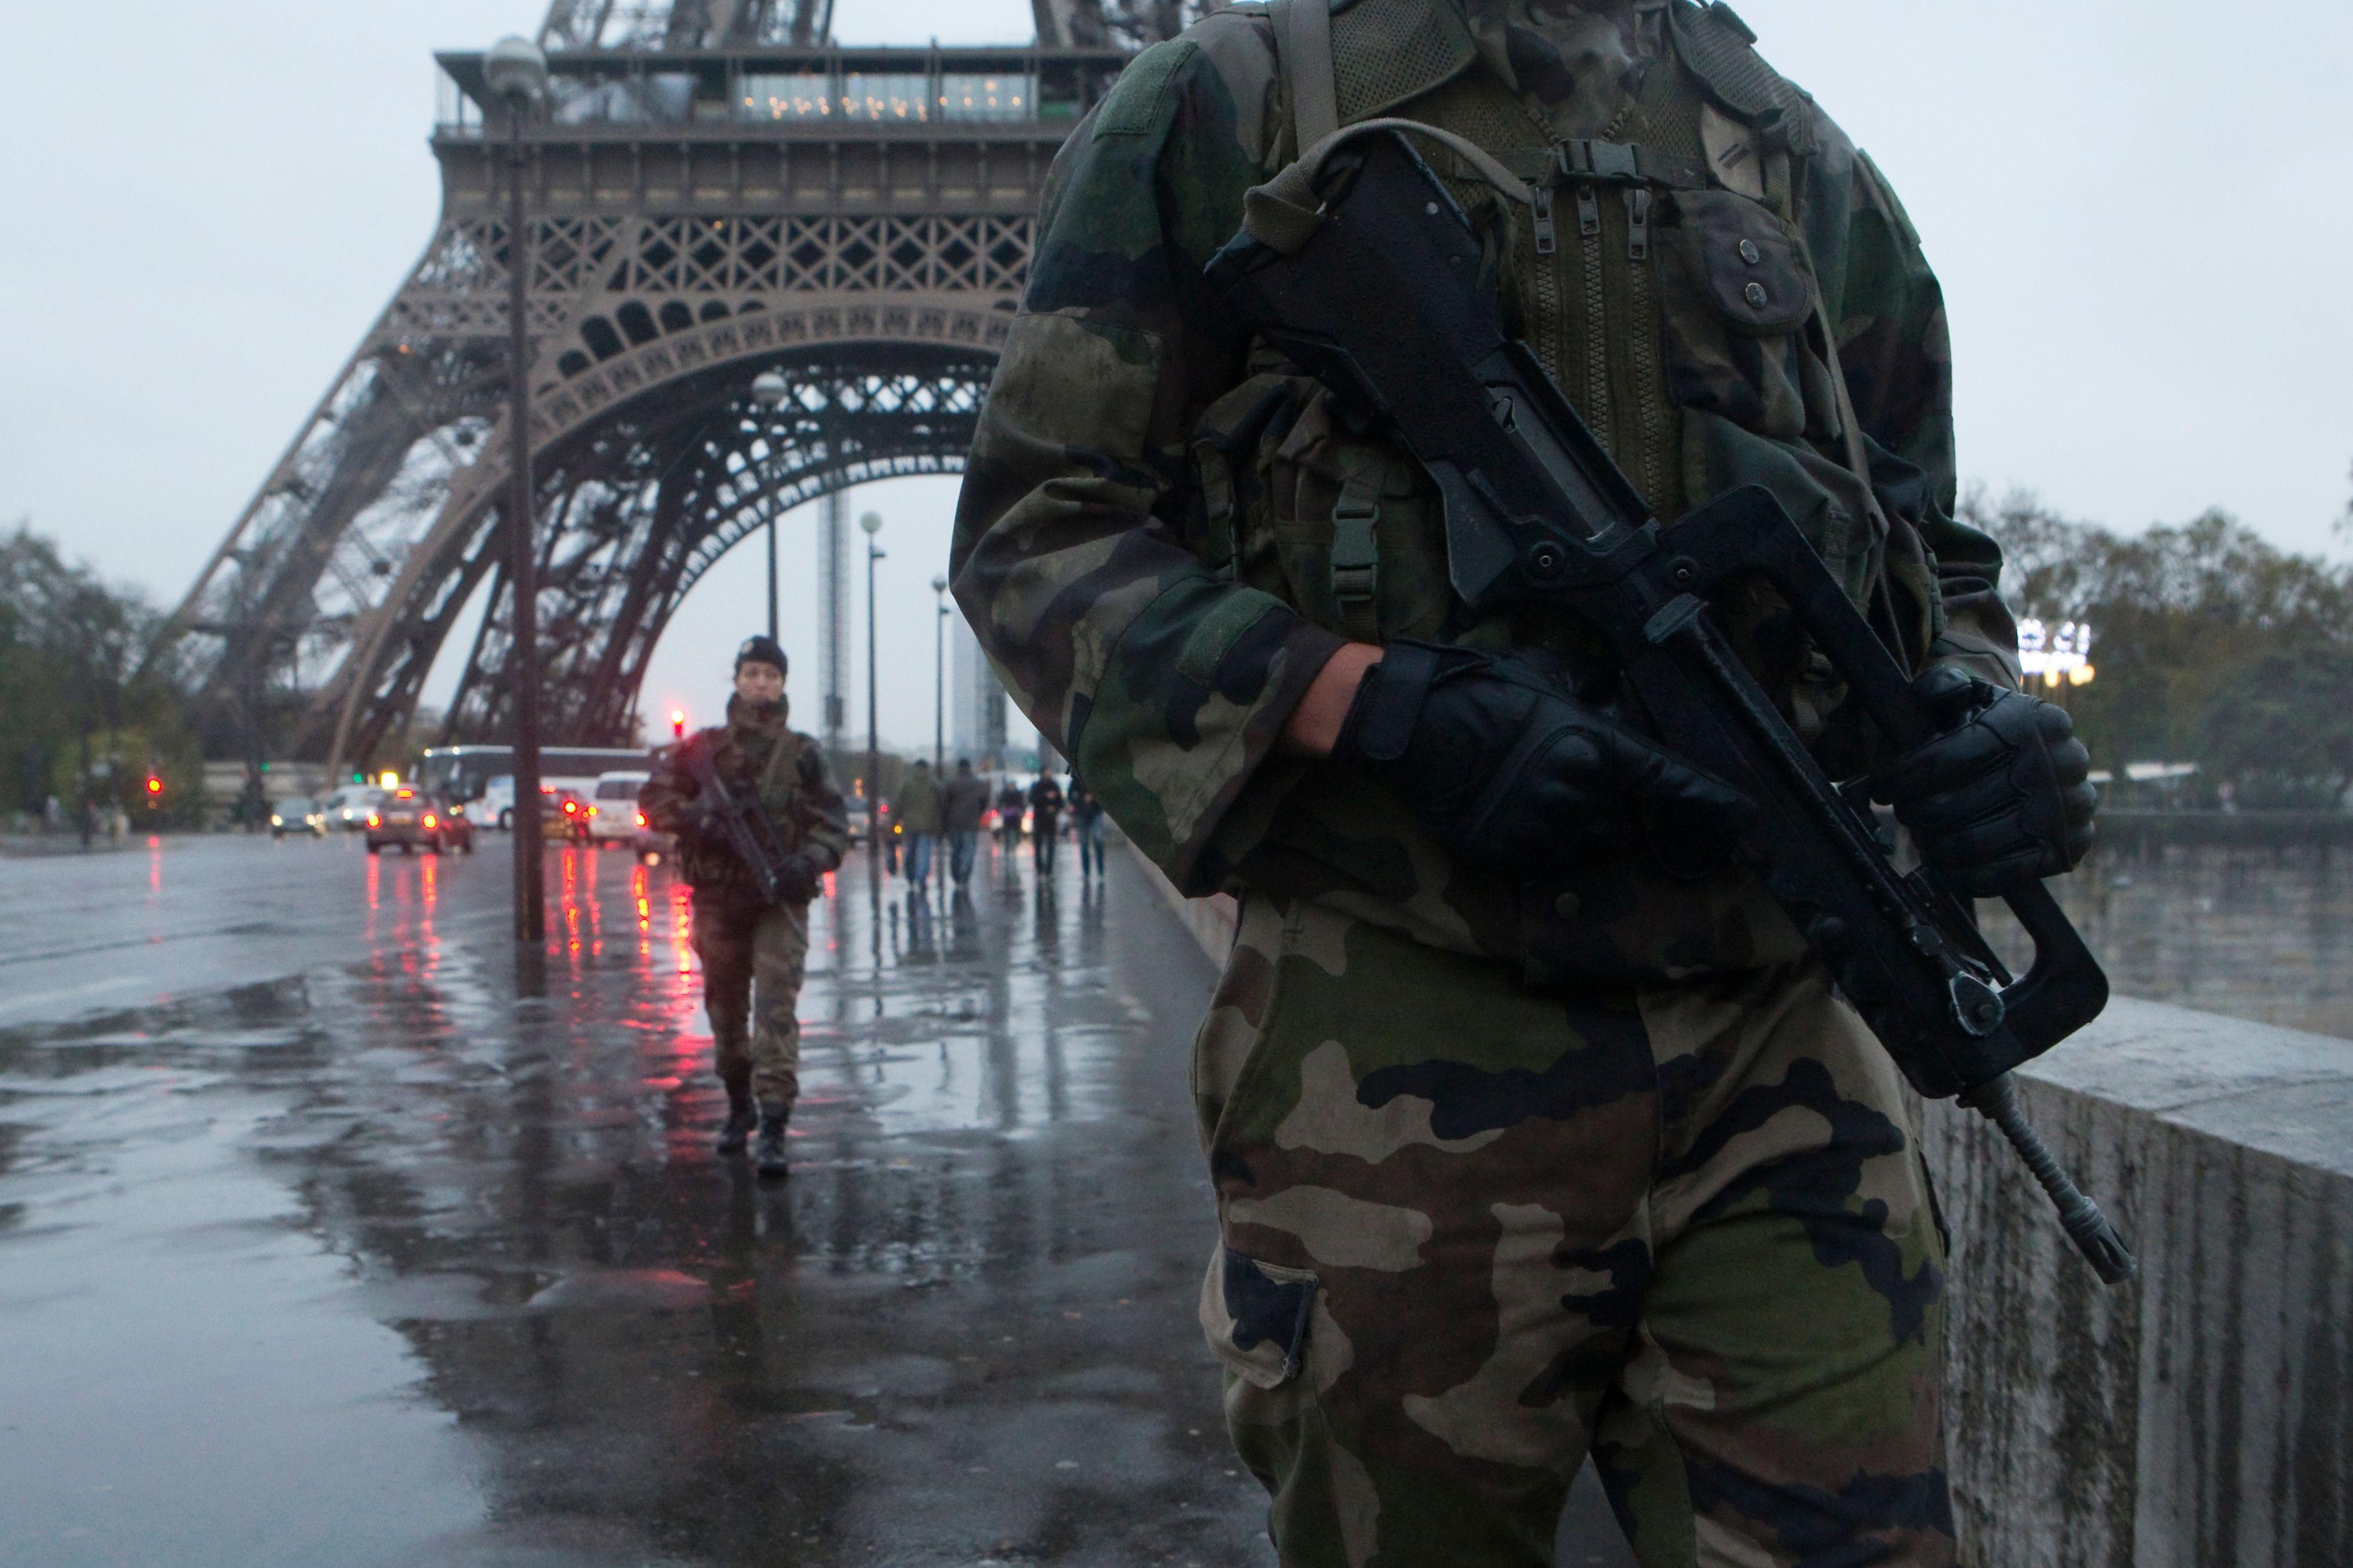 Sécurité : le nombre de patrouilles pendant les fêtes vaaugmenter